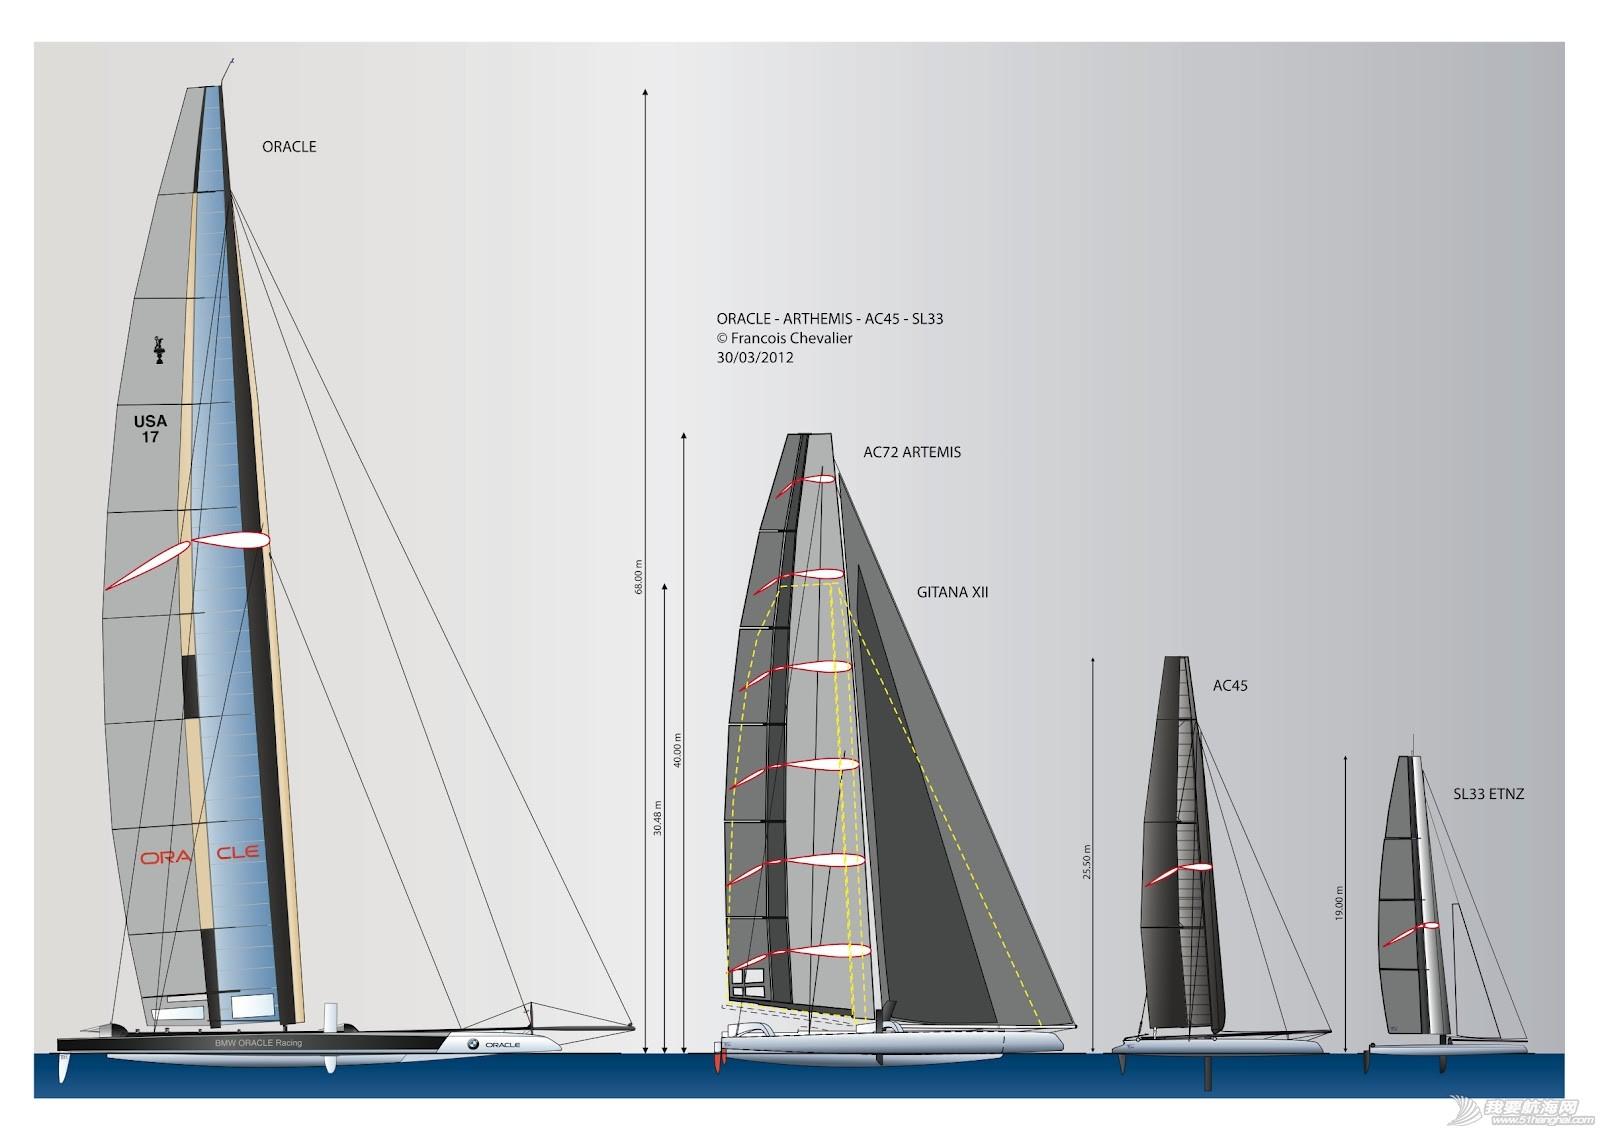 帆船赛,图片,美洲杯,结构图,新手推荐 美洲杯赛船前沿谍报:赛船ac45,a